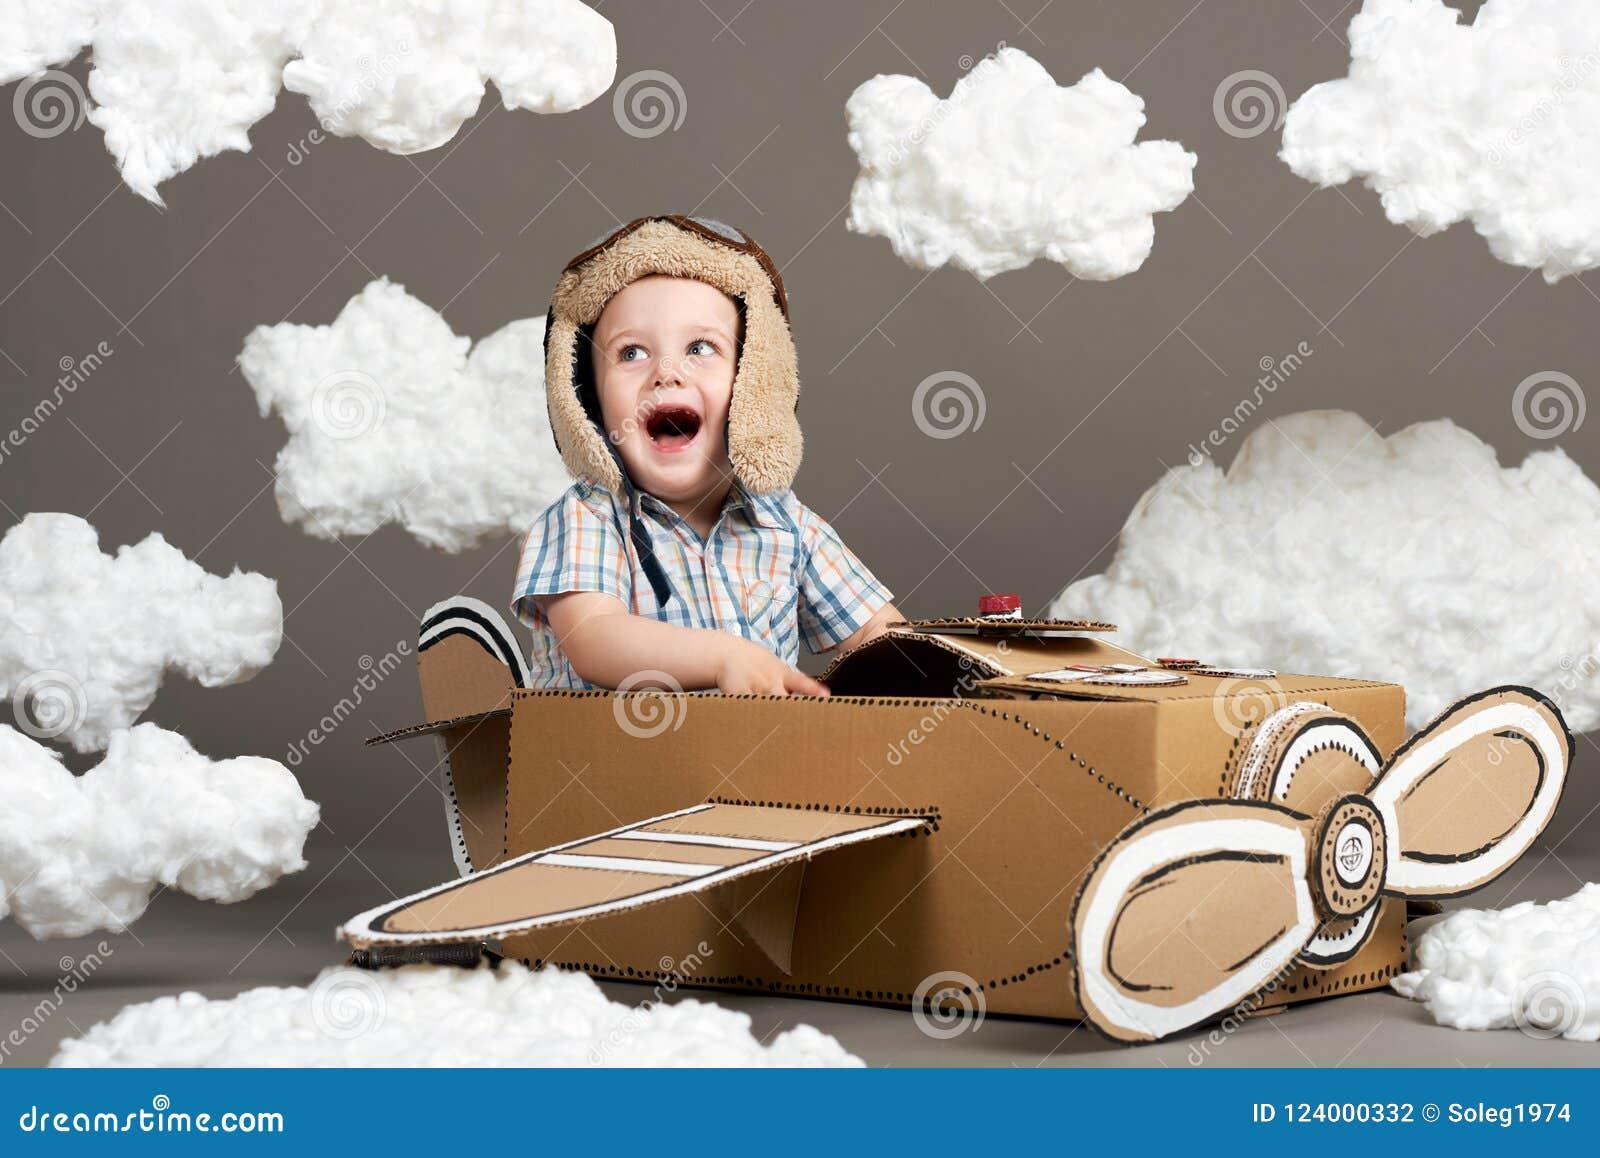 Il ragazzo gioca in un aeroplano fatto della scatola di cartone e dei sogni di diventare un pilota, nuvole da ovatta su un fondo